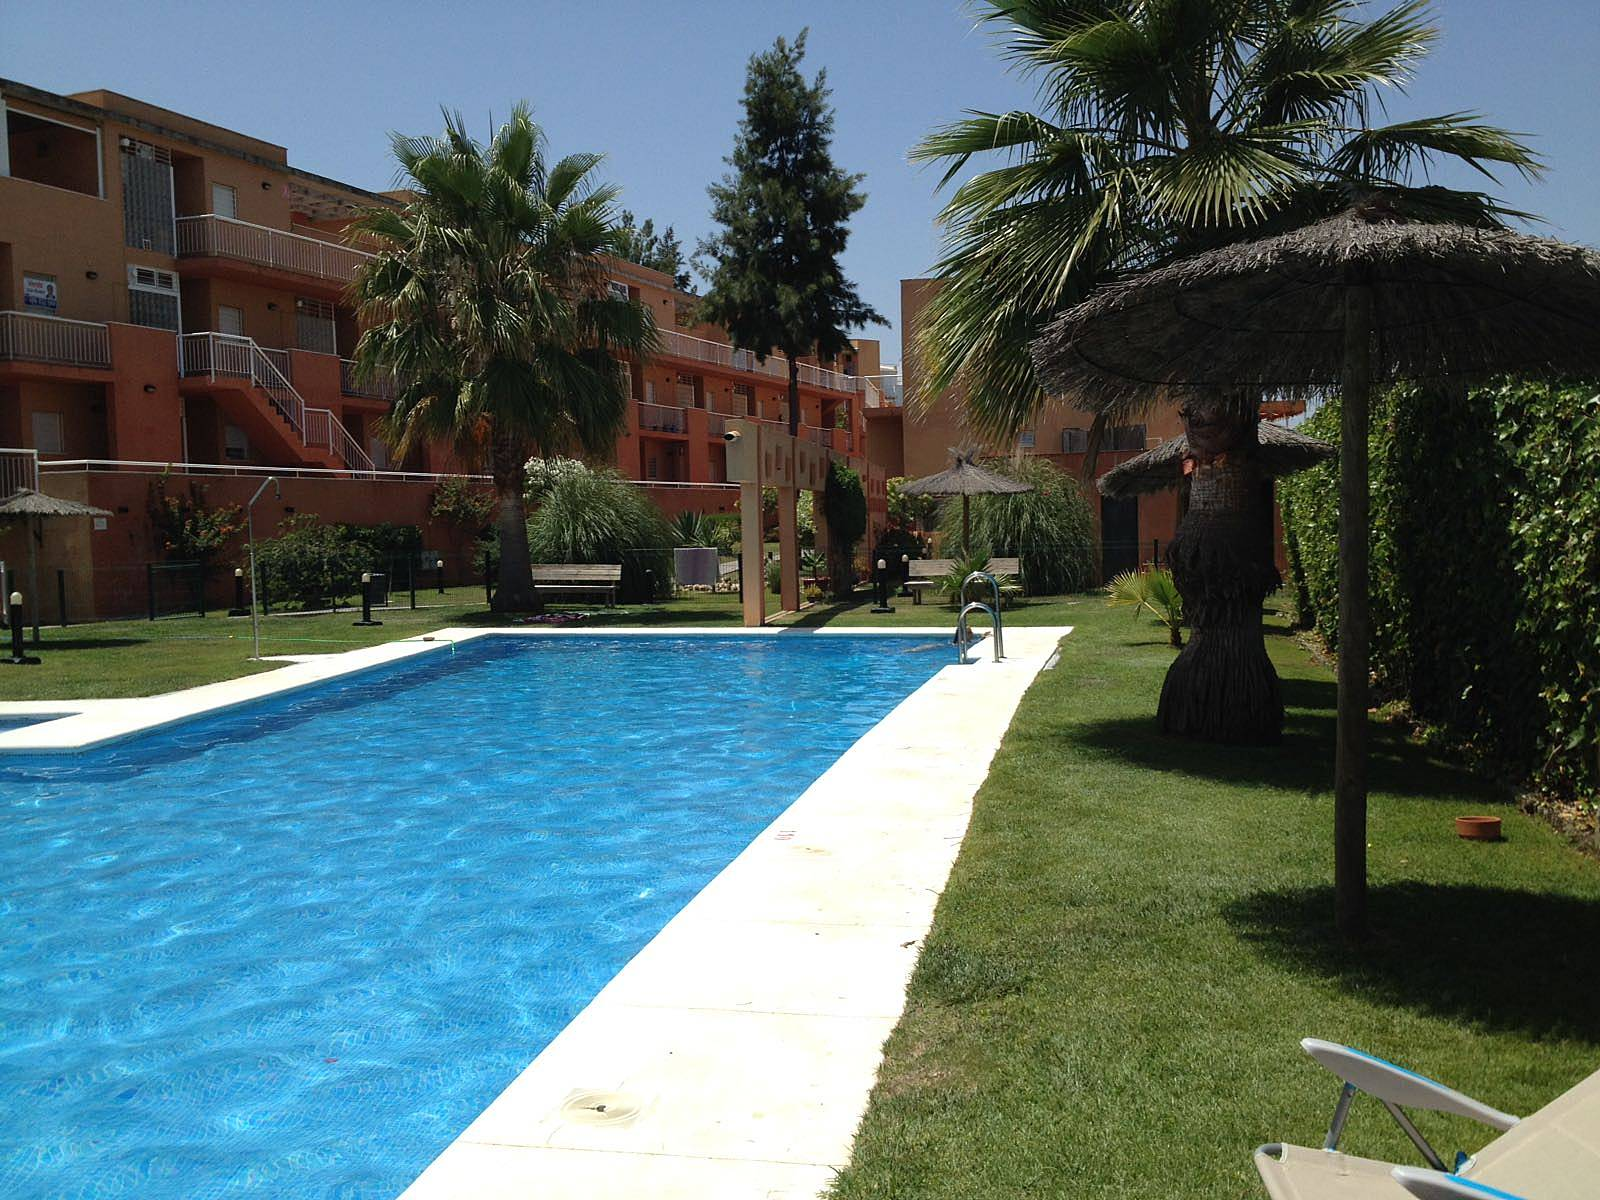 Apartamento para 4 personas a 900 m de la playa - Rentalia islantilla ...